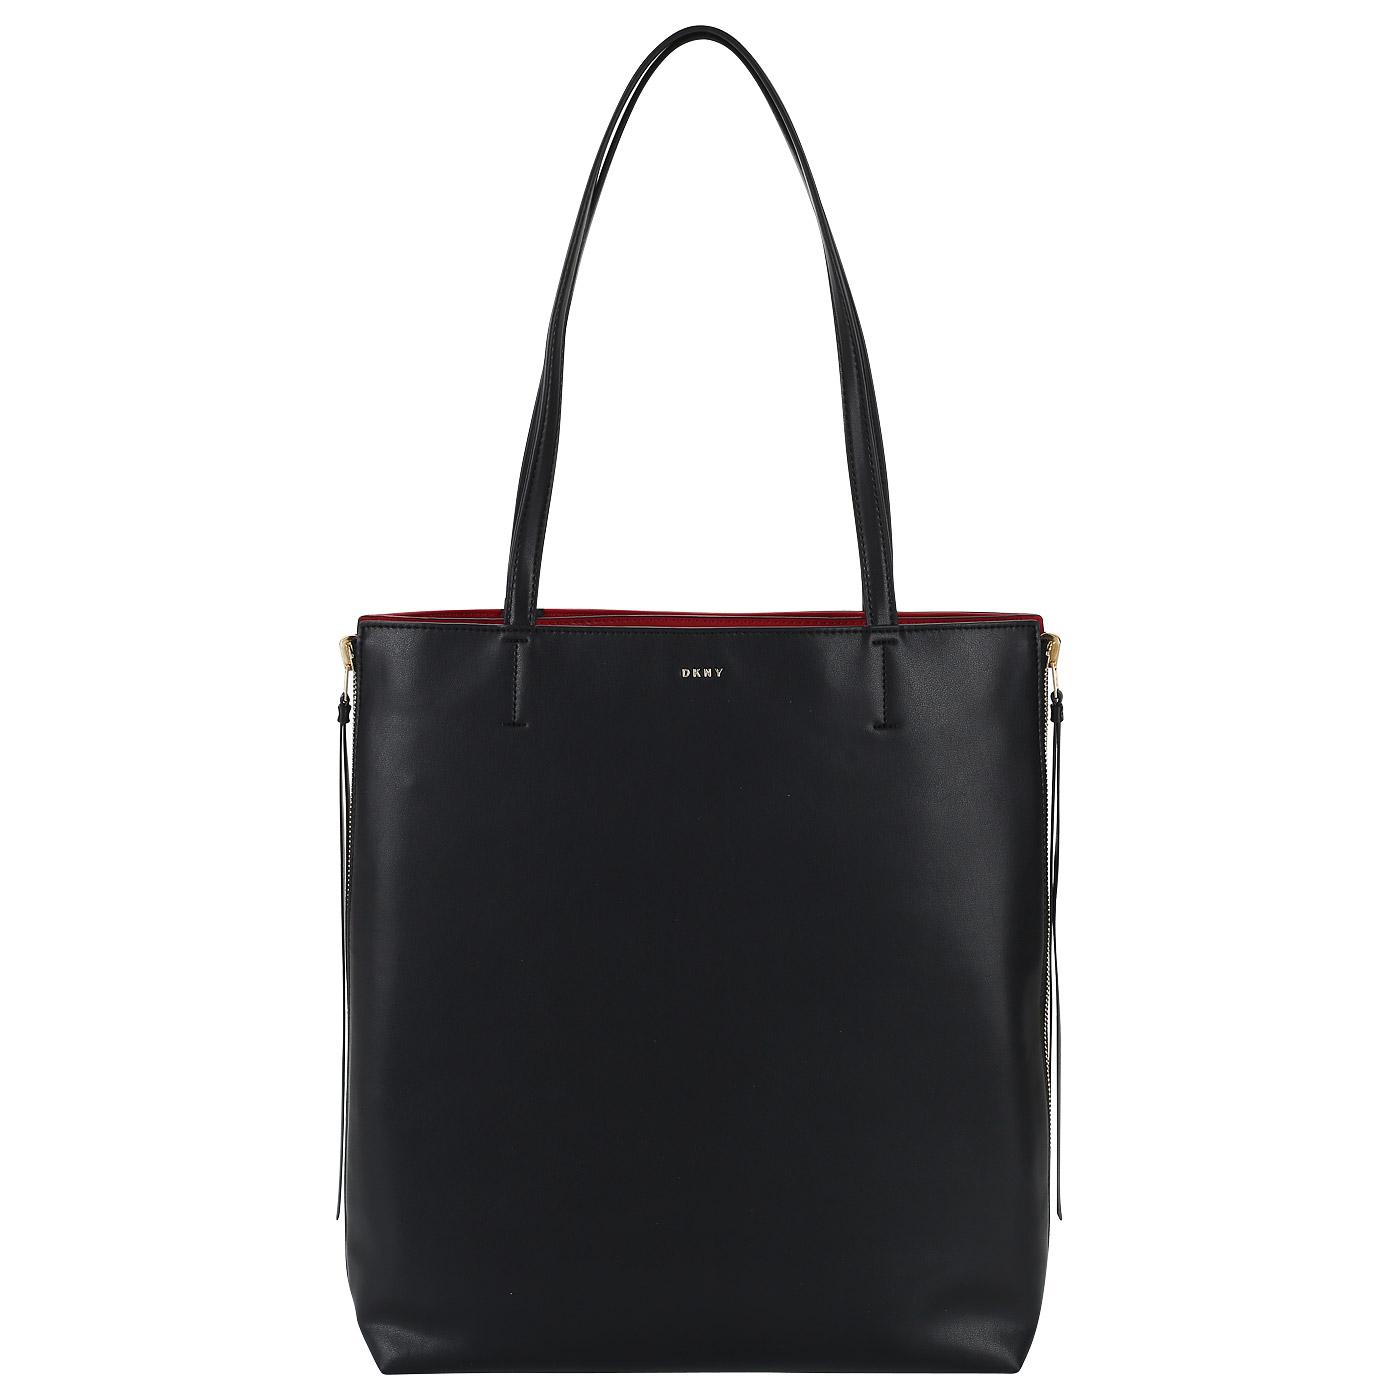 5a2481010ebd Двусторонняя сумка-тоут из натуральной кожи DKNY Mey R82BW490-BGD ...